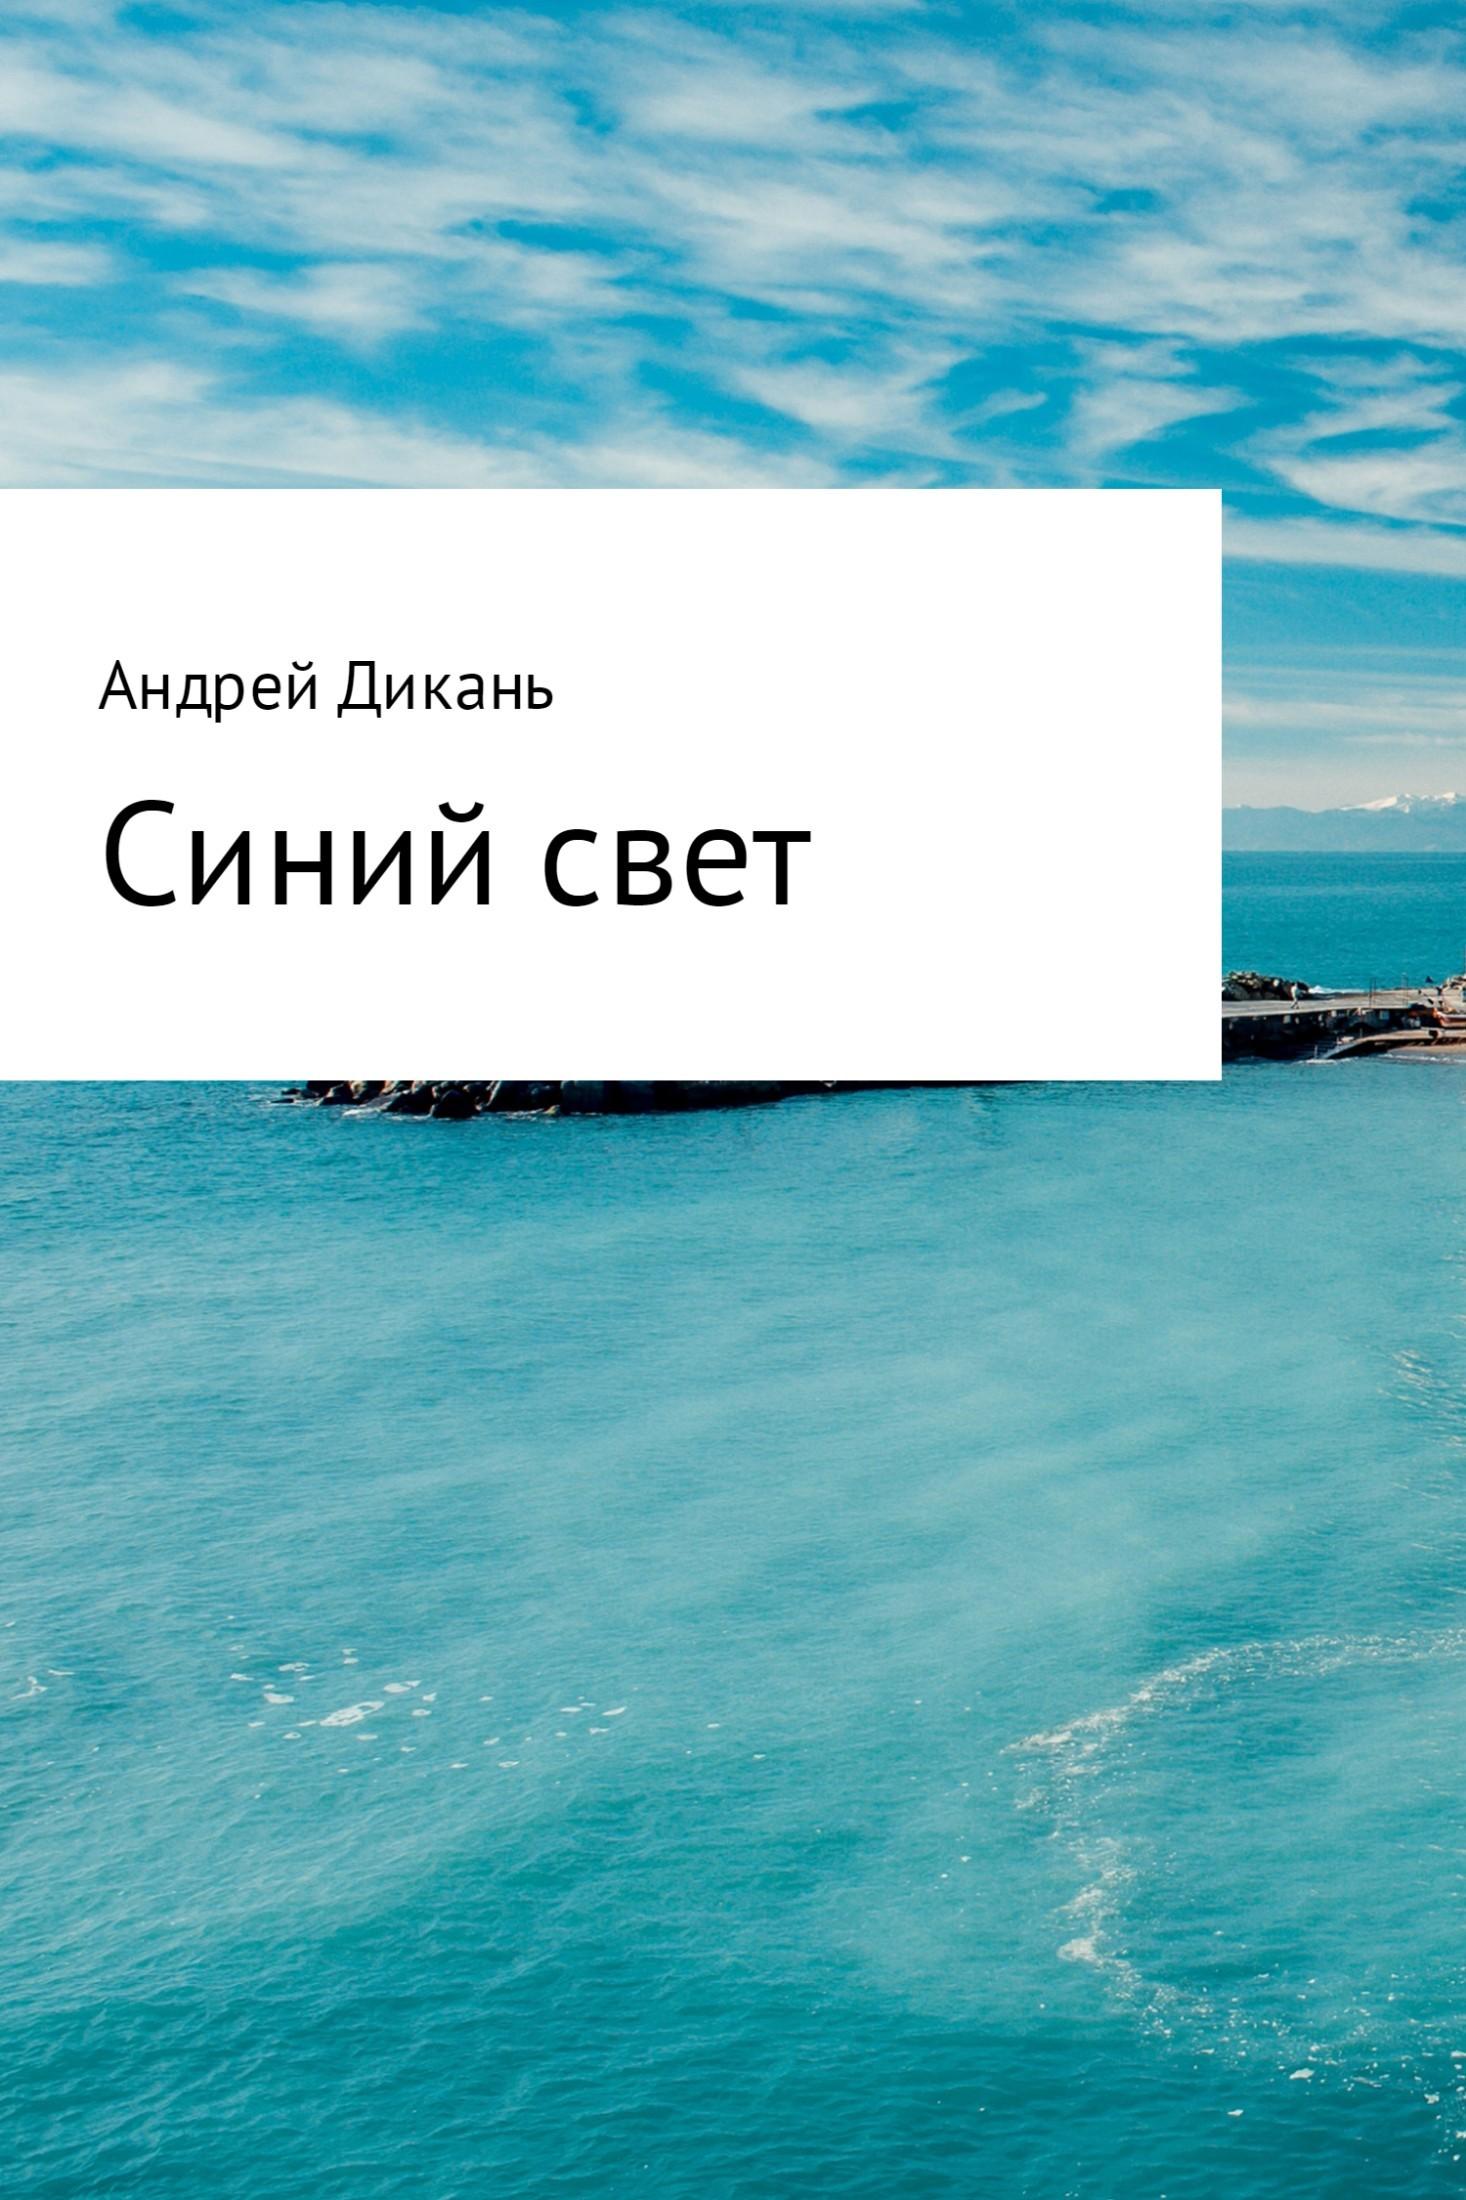 Андрей Михайлович Дикань Синий свет андрей углицких соловьиный день повесть